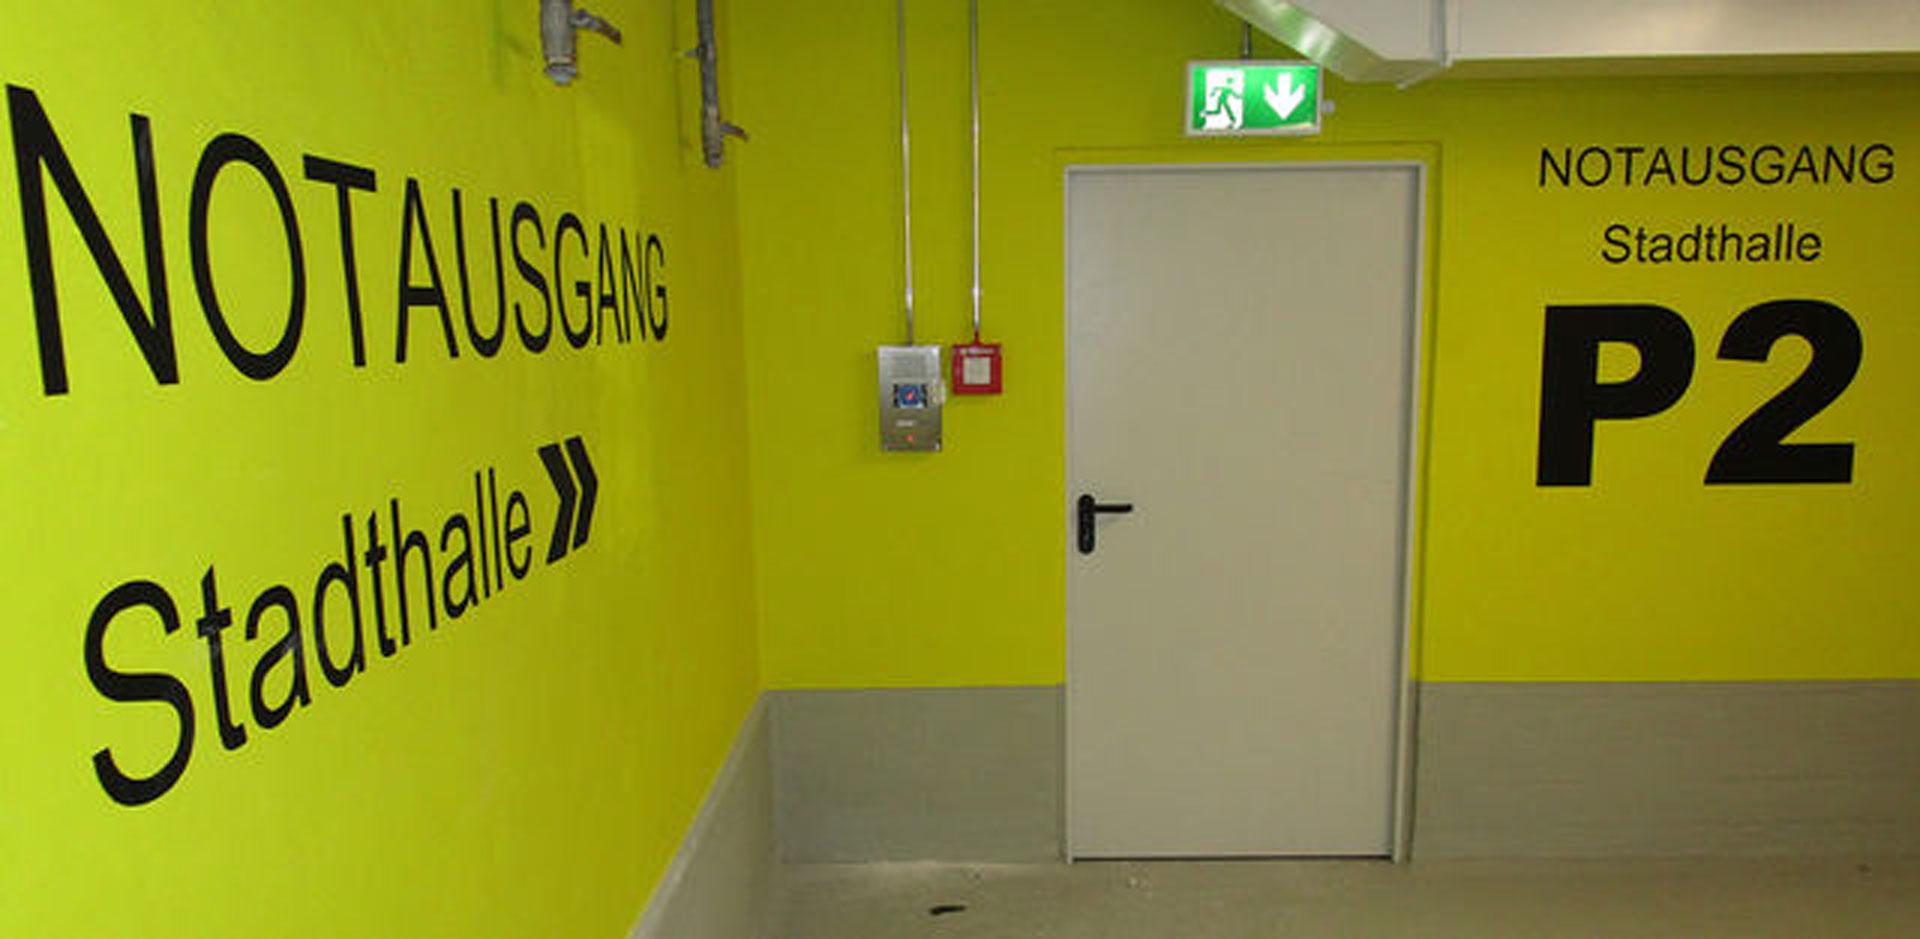 Bessere Orientierung durch großflächige Hinweise. Alle Ausgänge sind mit Notrufmeldern ausgestattet. © limburg.de